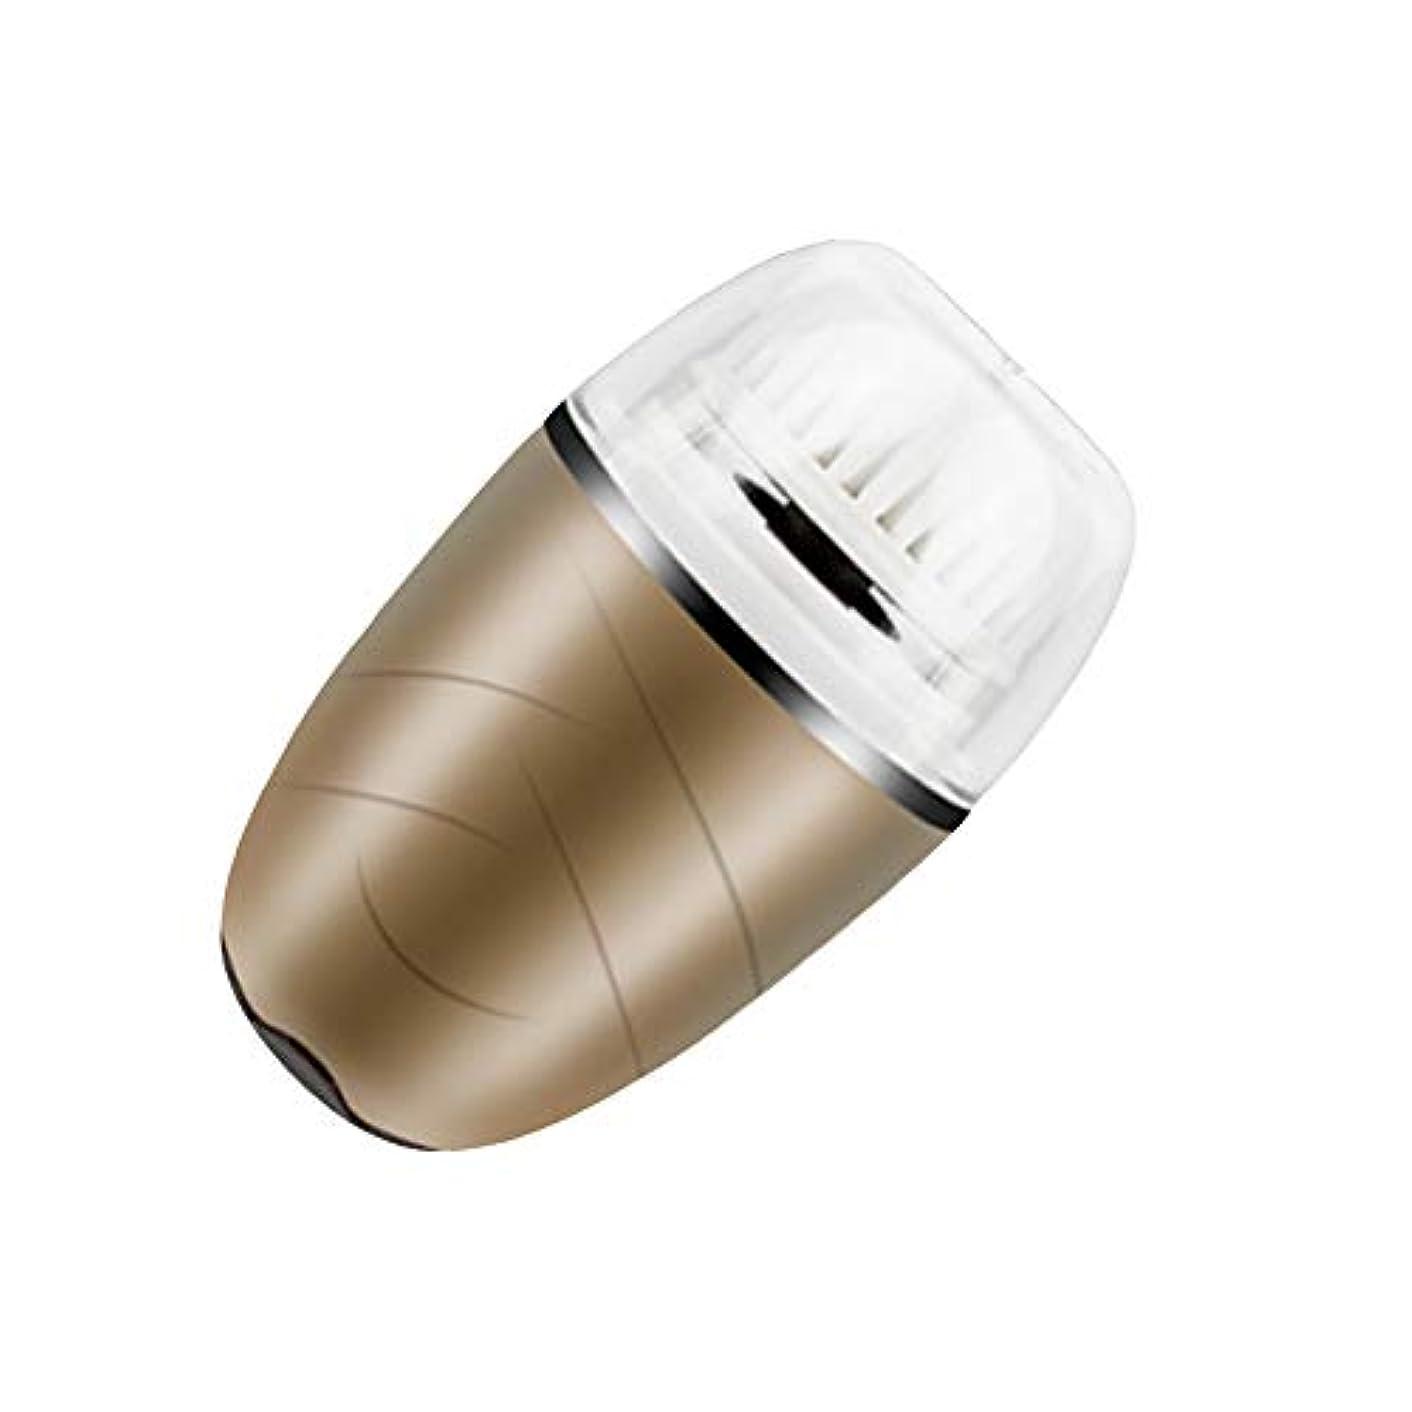 告発者好意的ウサギ洗顔ブラシ、電動ソニックフェイスブラシ振動顔クレンジングシステム防水ブラシにきびエクスフォリエーター USB 充電式,Gold